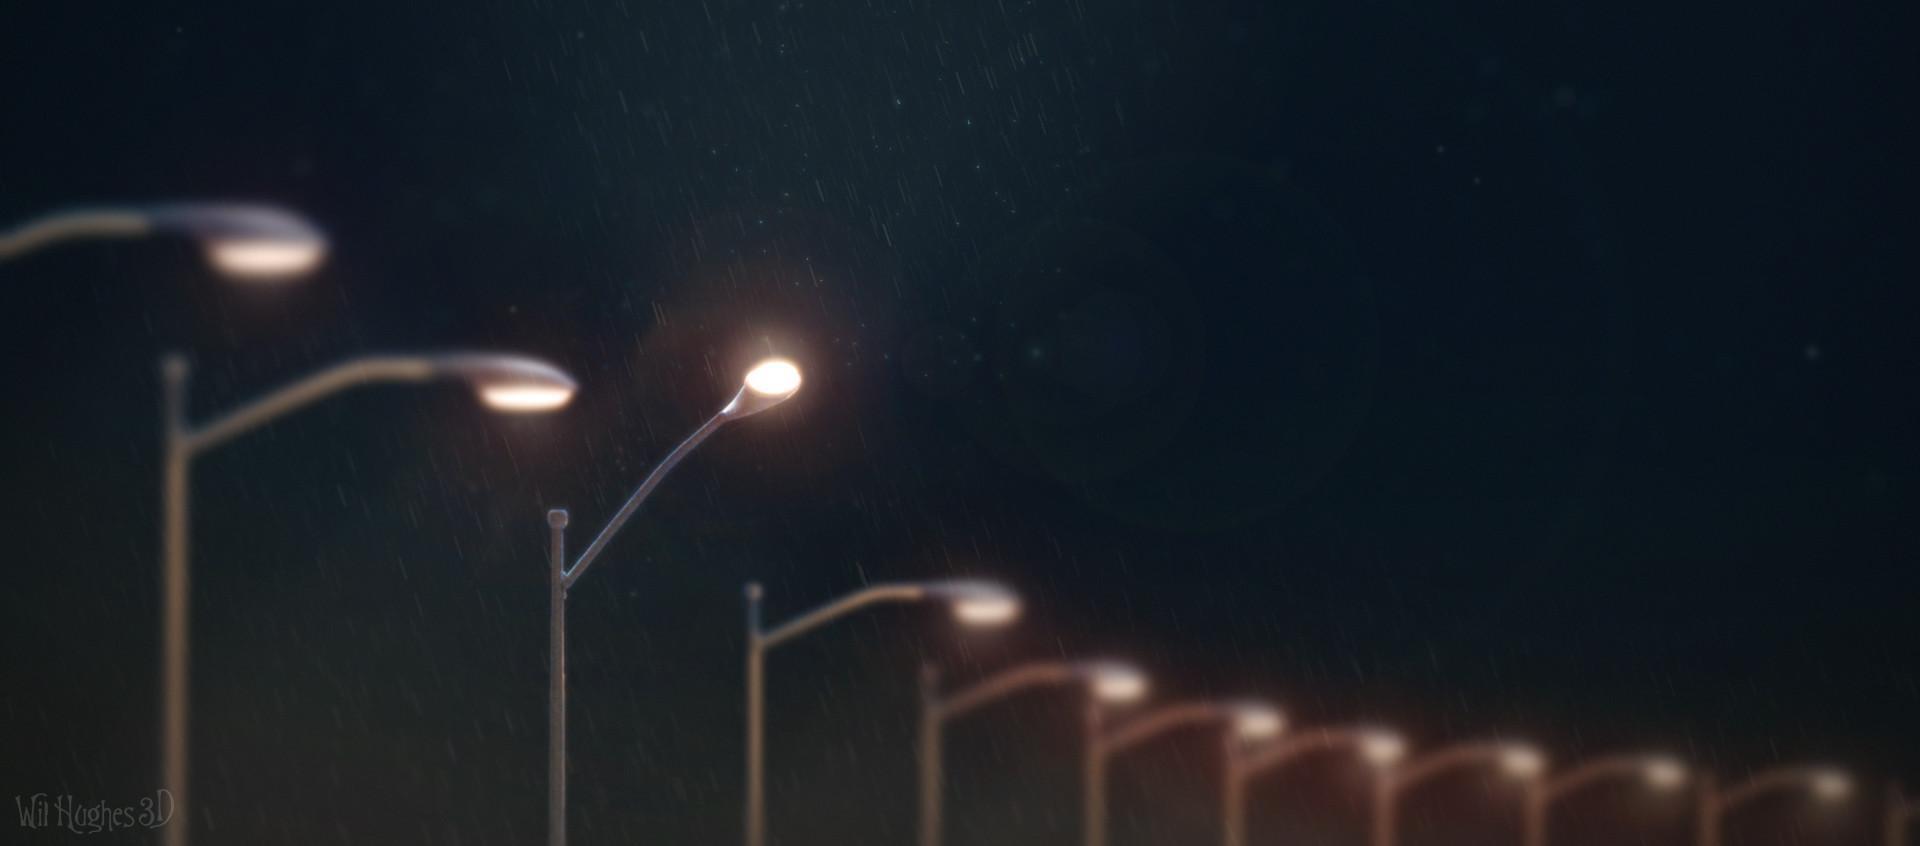 Wil hughes streetlamp